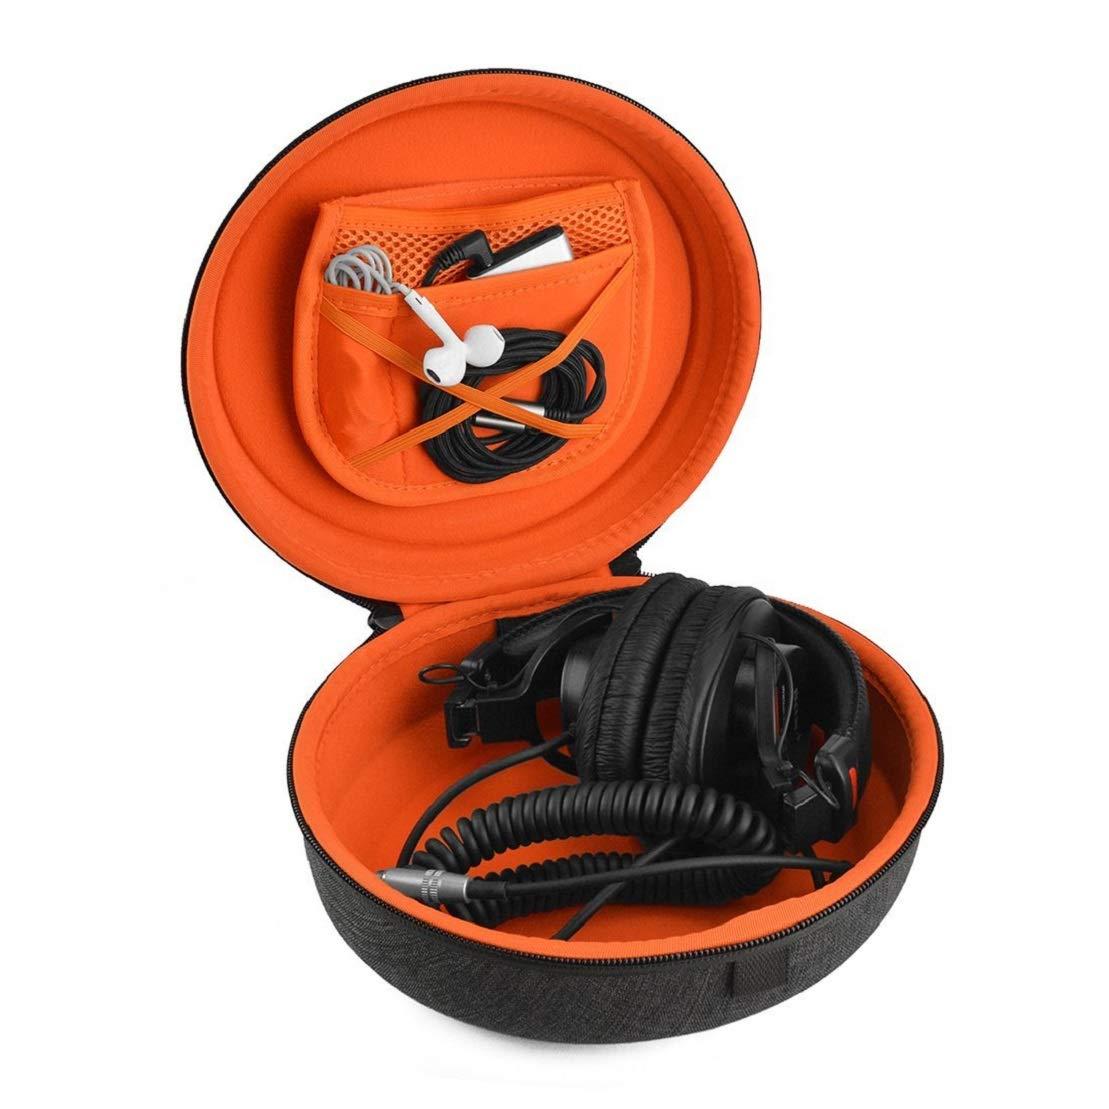 MDR-ZX770 MDR-XB750 Geekria/® UltraShell Headphones Case for Sony MDR-7506 MDR-XB700 MDR-V6 MDR-XB950BT//B//Headphone Hard Carrying Case//Travel Bag